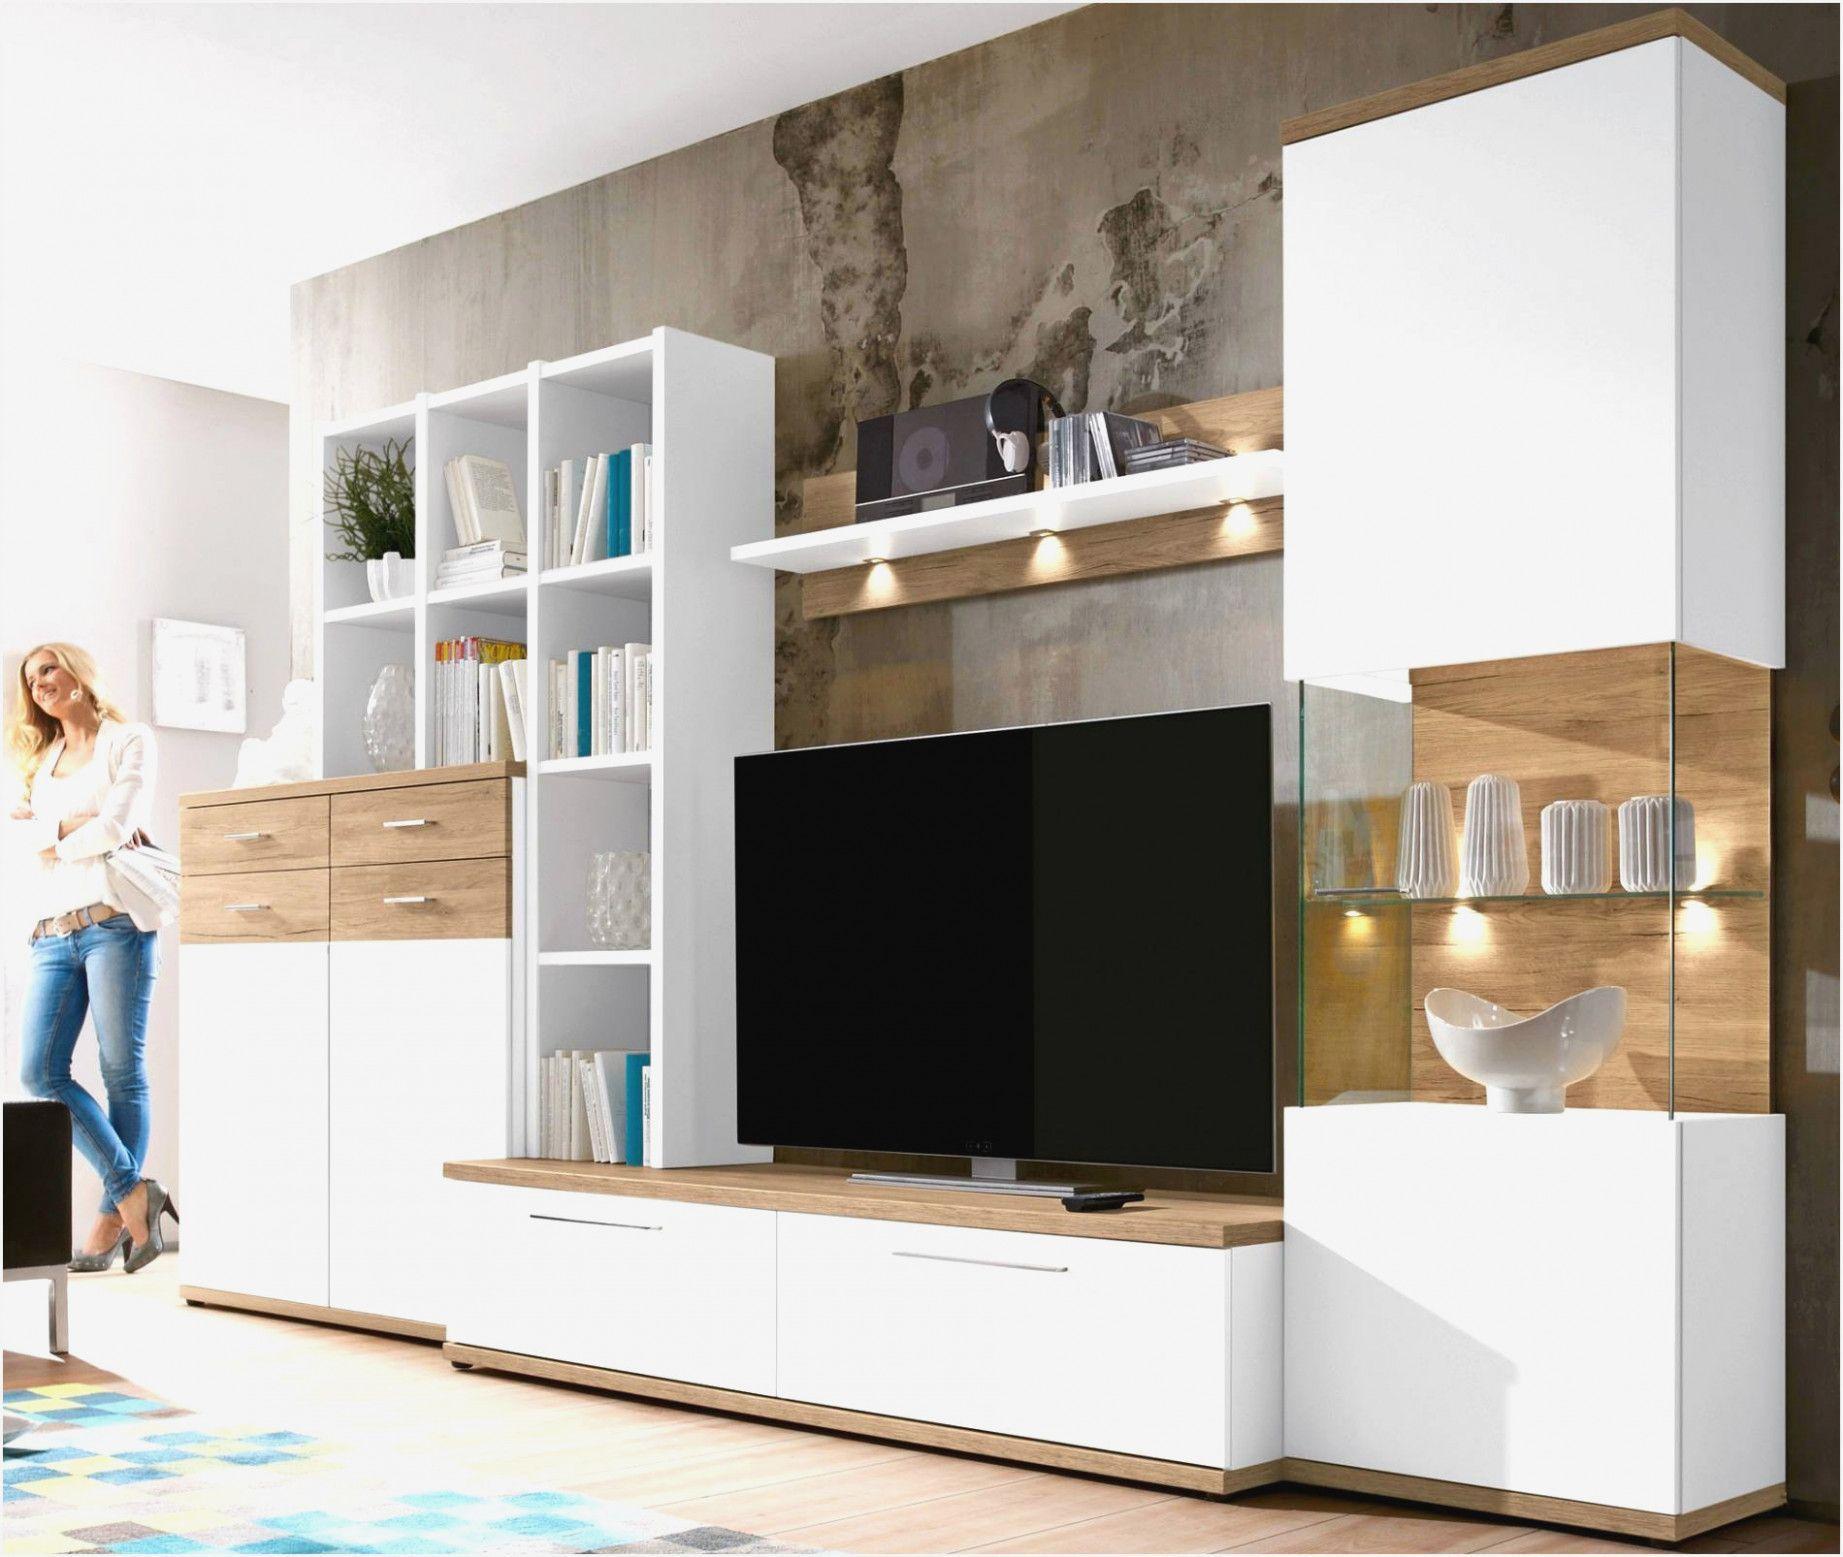 9 Wohnzimmerschrank Dekoration - HEIMAT IDEEN - 9